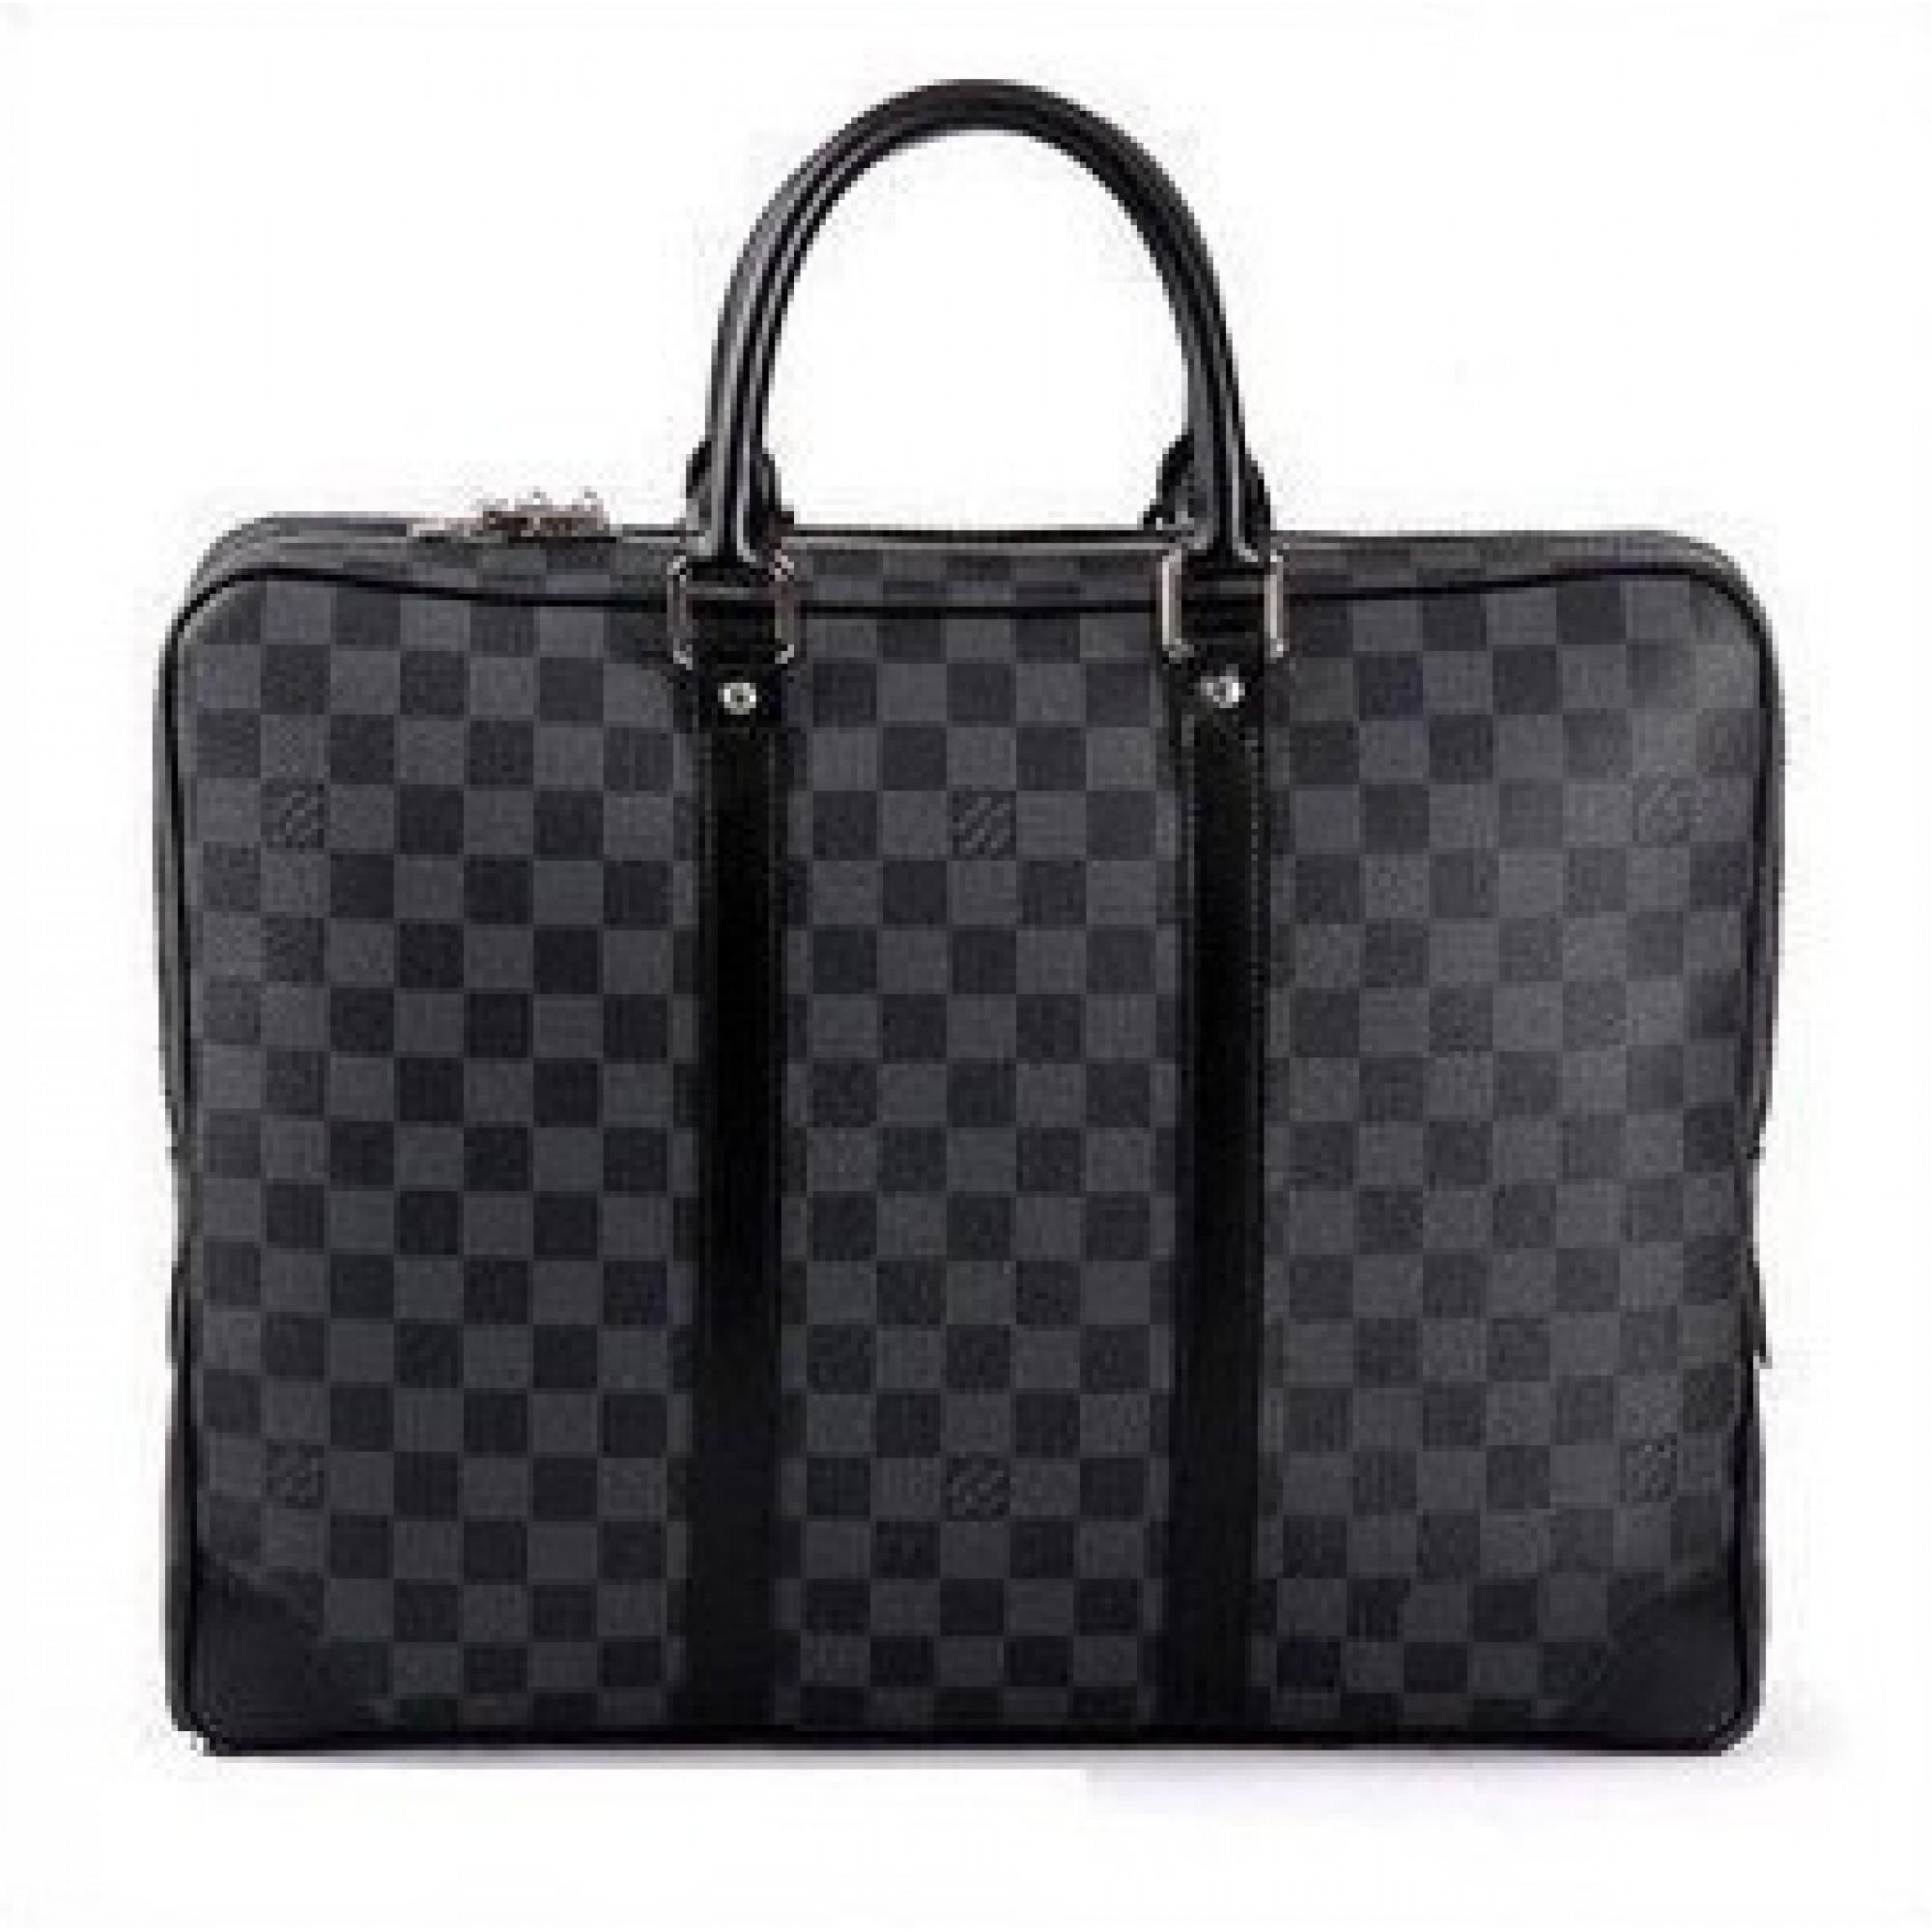 Купить портфель для документов и ноутбука Louis Vuitton — в Киеве ... 90c53323629